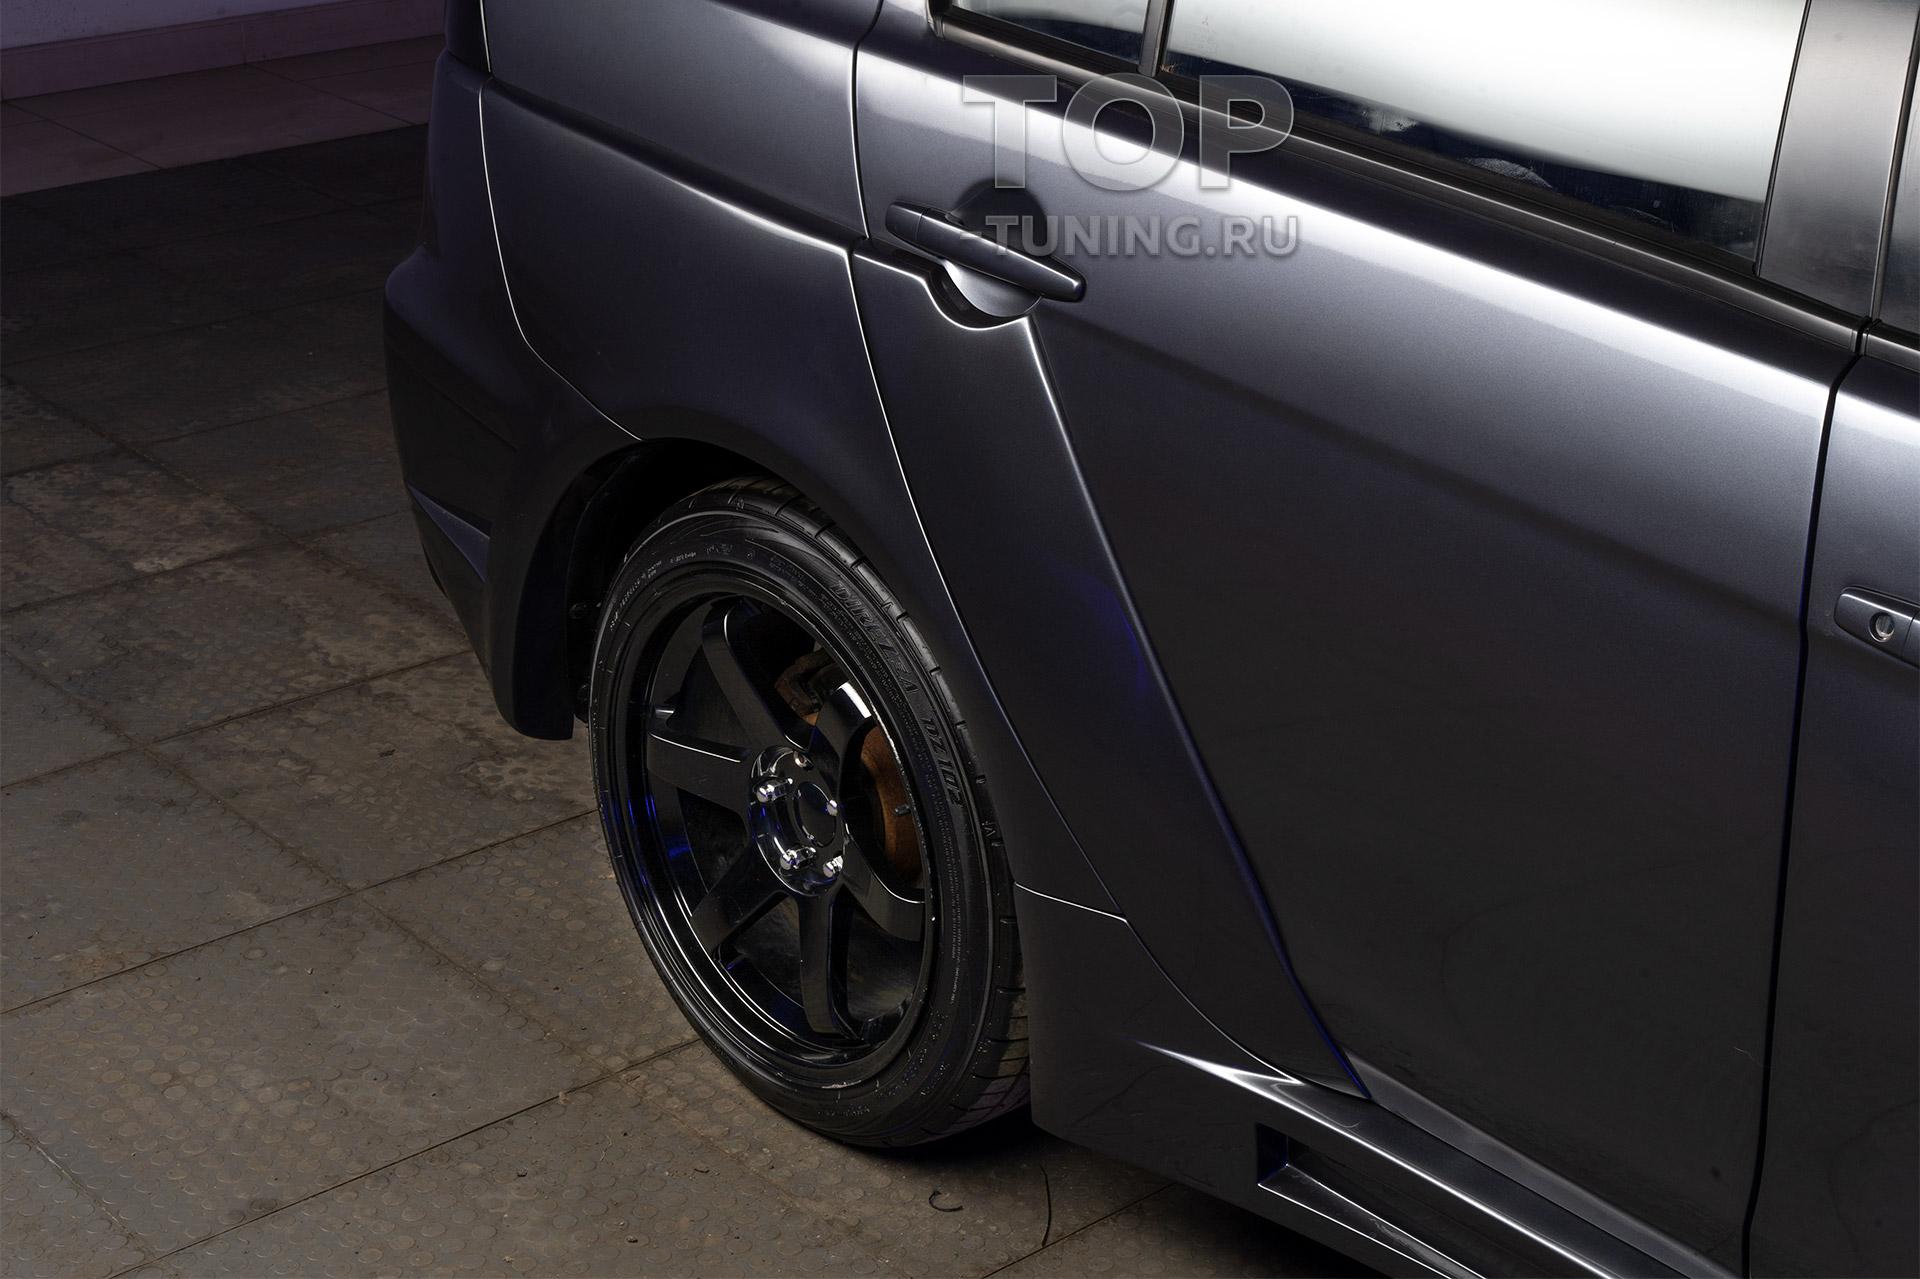 Тюнинг Лансер 10 - расширение задних крыльев с переходом на двери